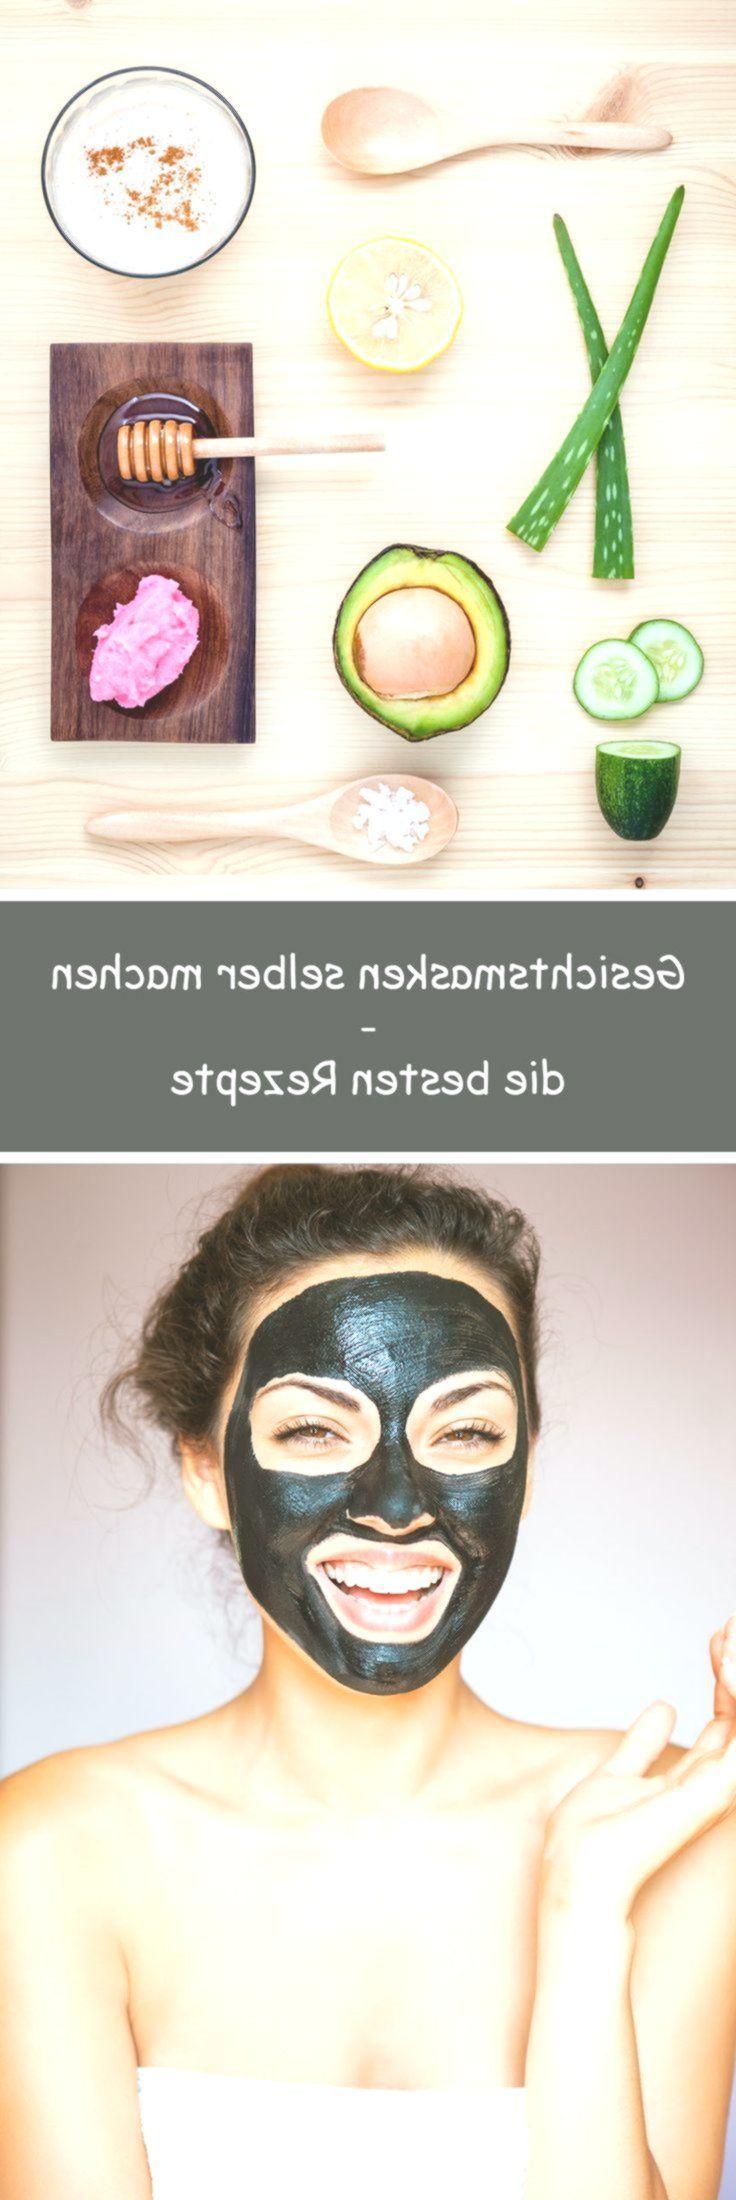 Pickel, trockene Haut, Falten: Wir haben Rezepturen für Gesichtsmasken für jeden Hauttyp ... ... #huidverzorging